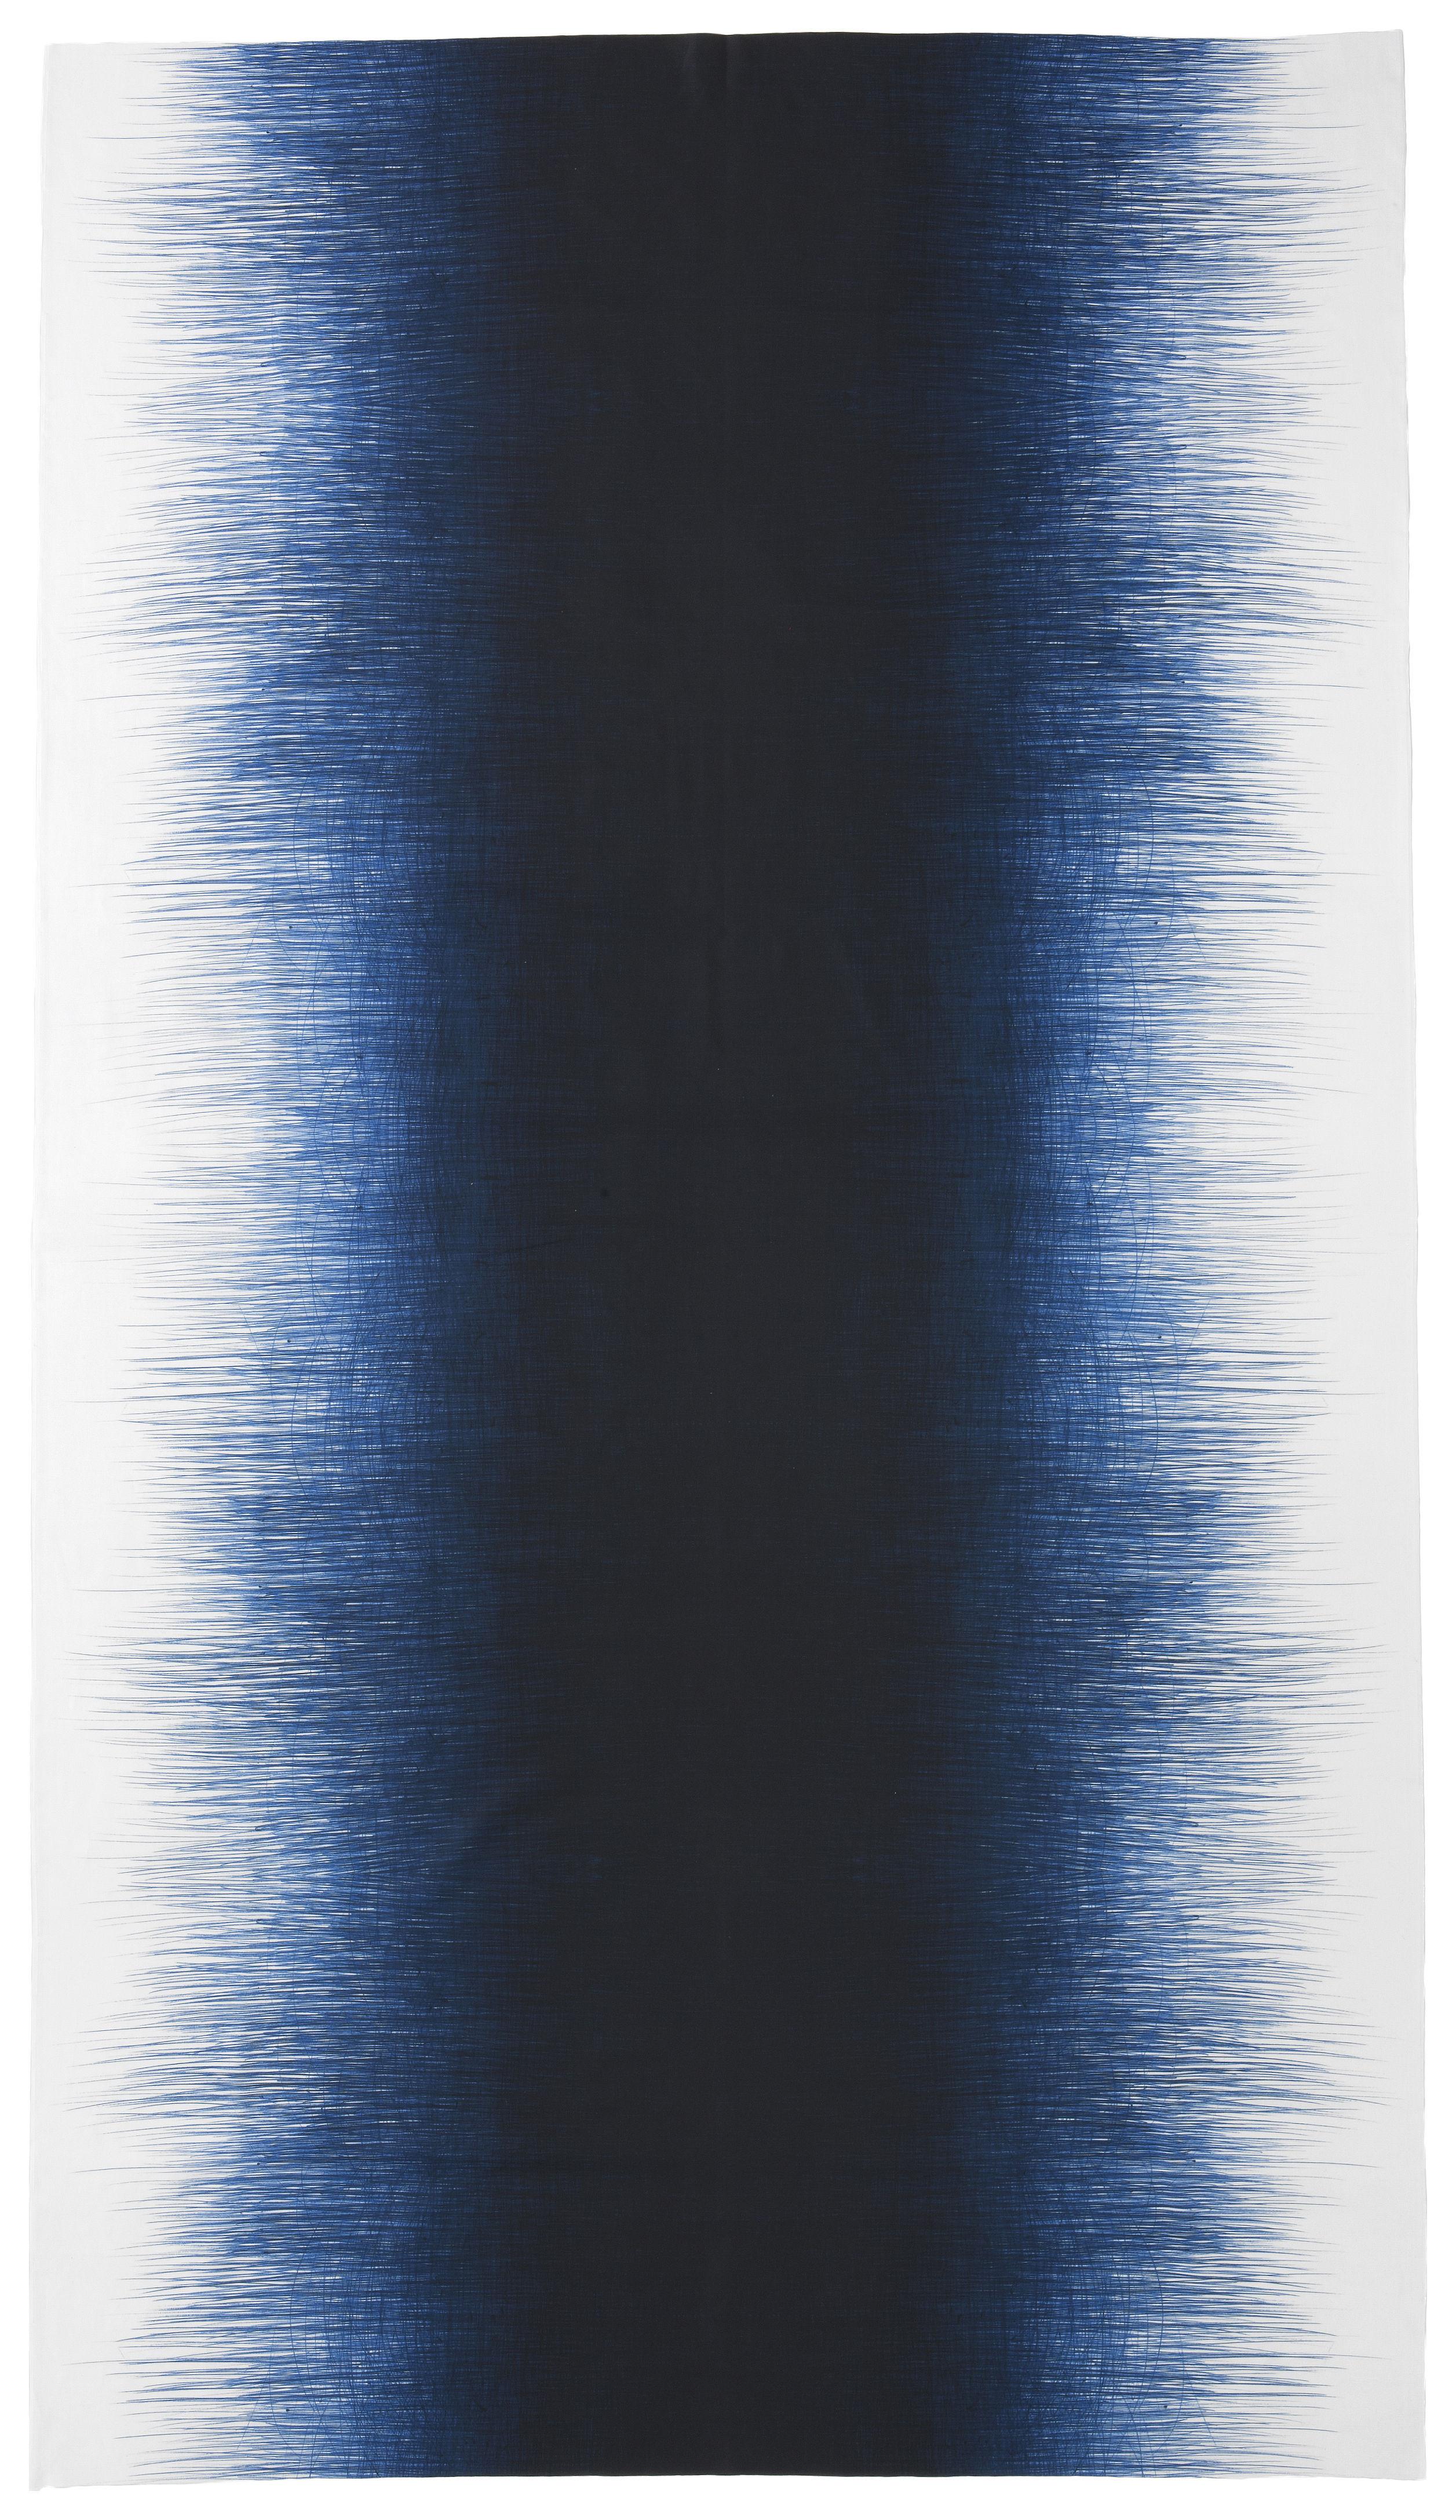 Arts de la table - Nappes, serviettes et sets - Nappe en tissu Pen / 140 x 240 cm - Ferm Living - Bleu nuit - Coton